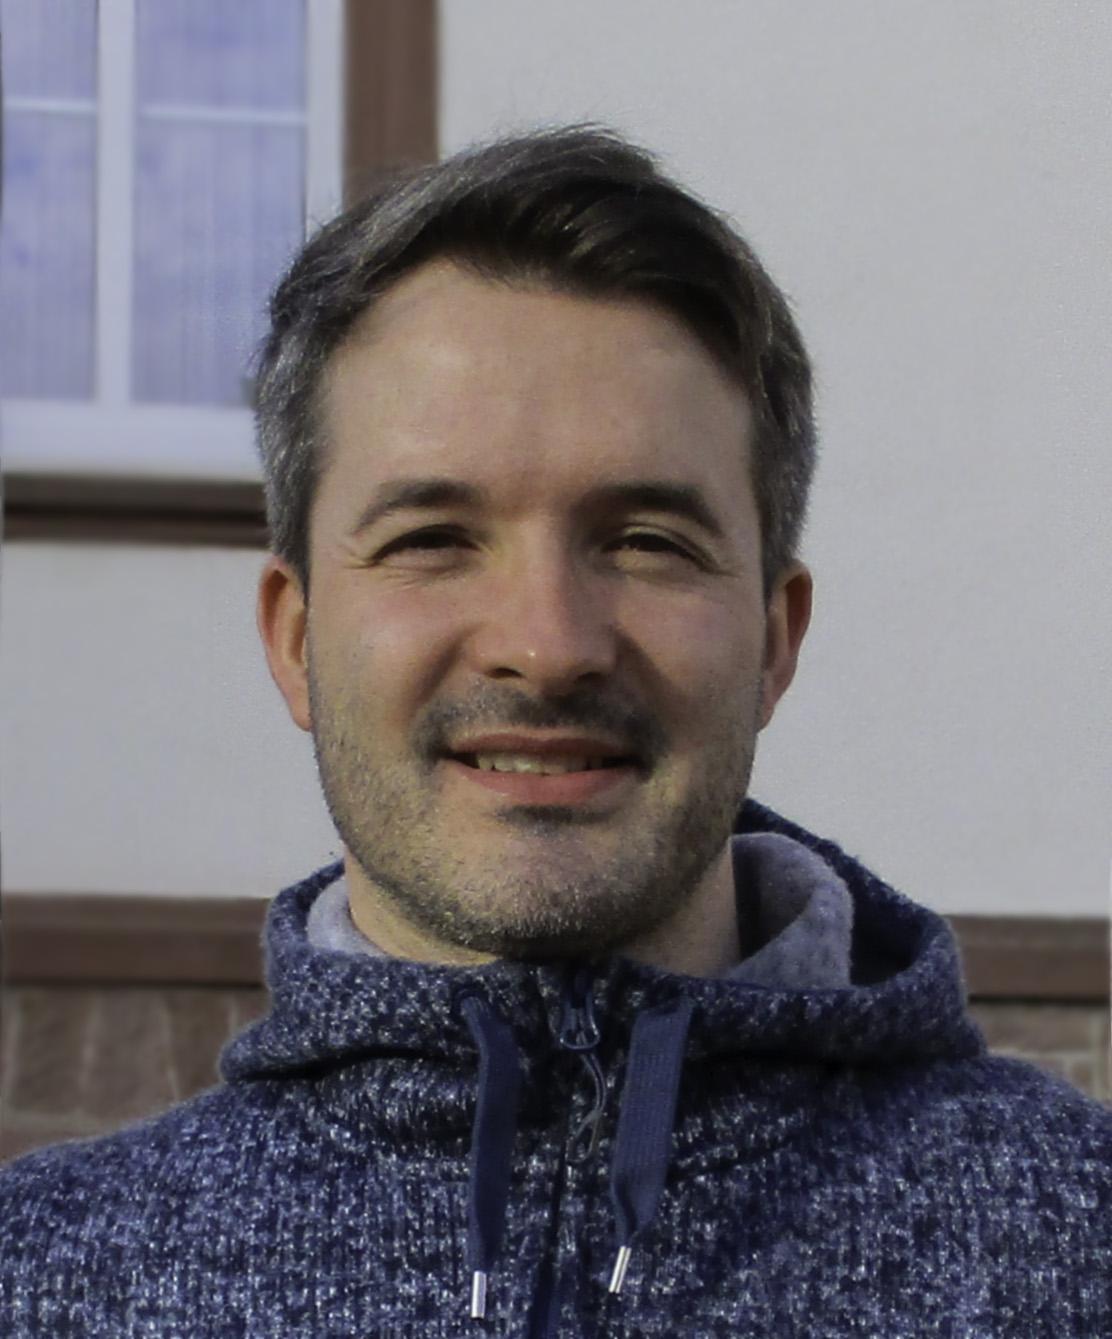 Manuel Kapraun